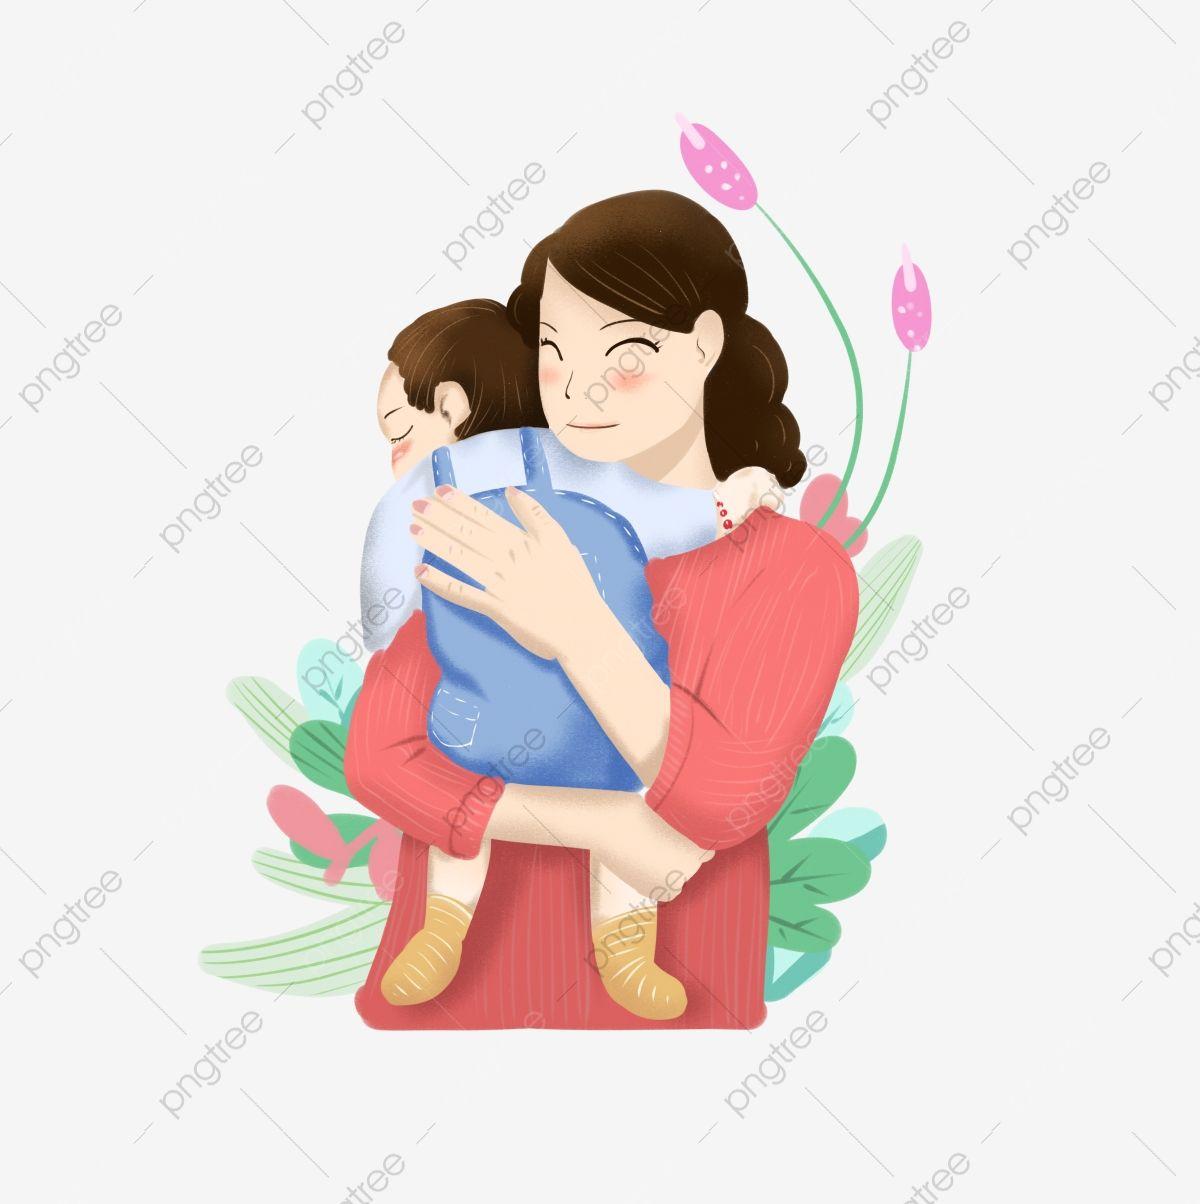 عيد الأم عيد الأم مرسومة باليد الكرتون الأم والطفل الرضيع يوم الأم طفل مرسومة باليد سعيدة Png وملف Psd للتحميل مجانا How To Draw Hands Mother And Child Cartoon